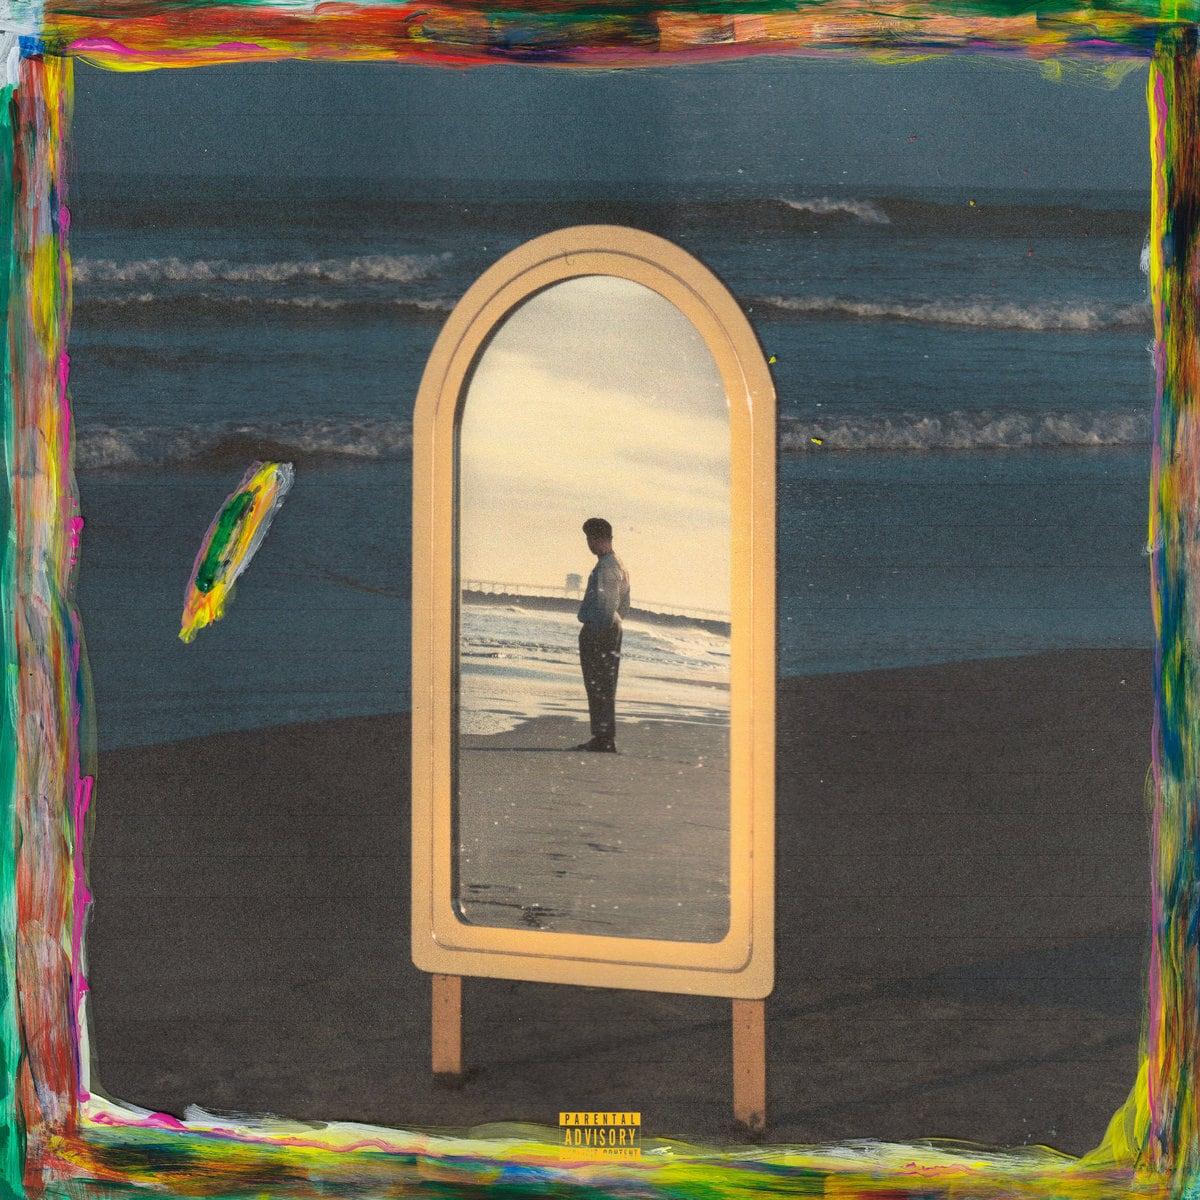 Lionel Boy - Lionel Boy (LP)